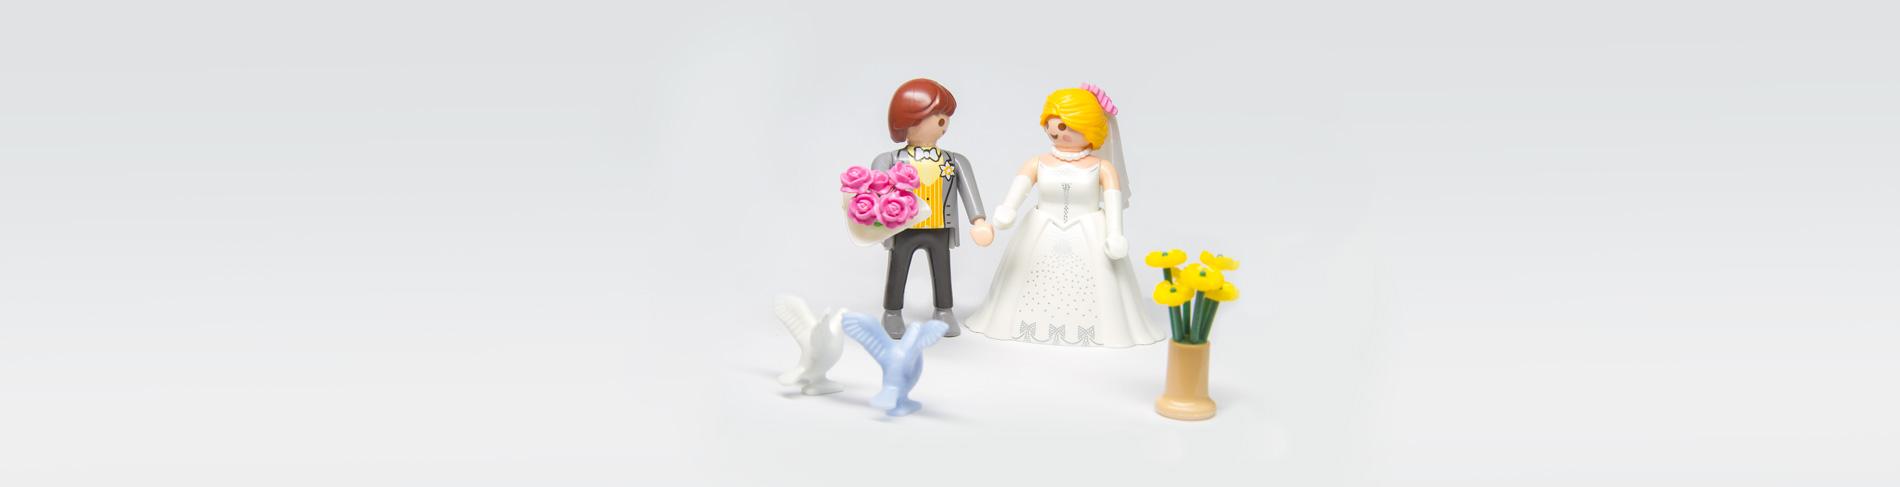 Κανε την οργάνωση του γάμου σου παιχνιδάκι. Planmywedding.gr